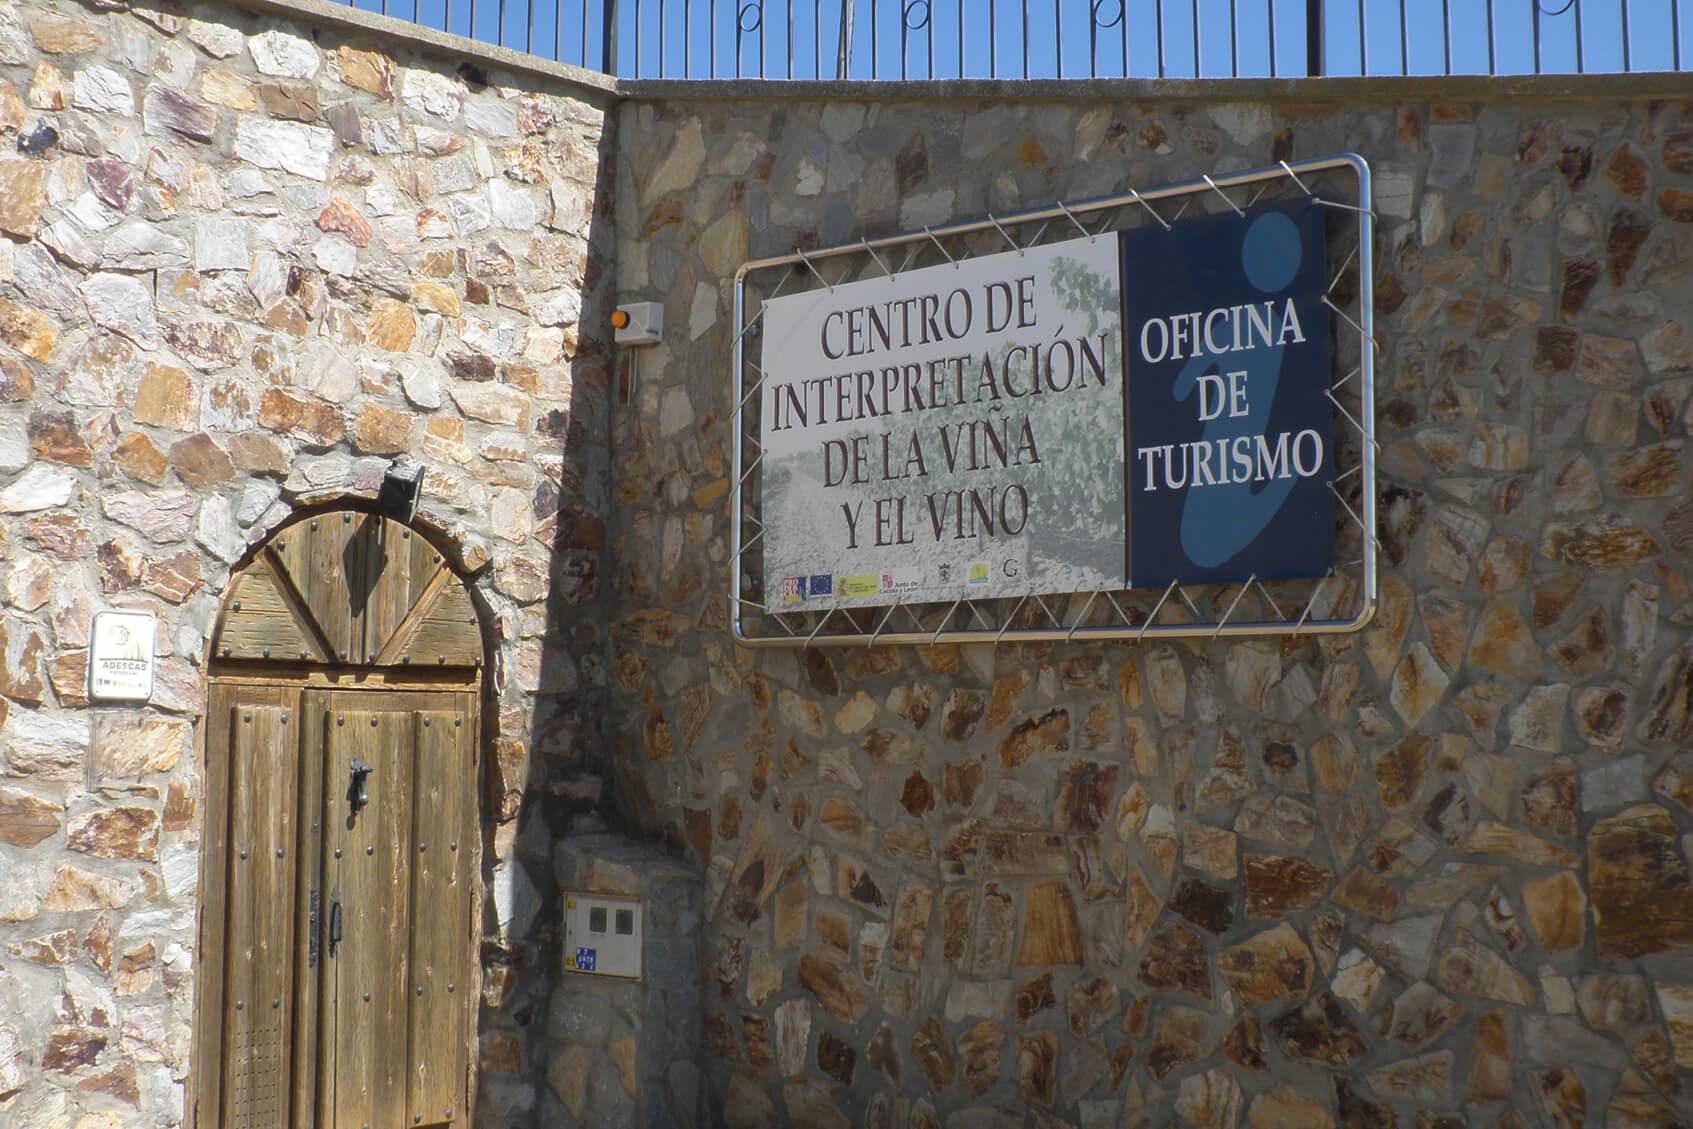 CENTRO DE INTERPRETACIÓN DE LA VIÑA Y EL VINO